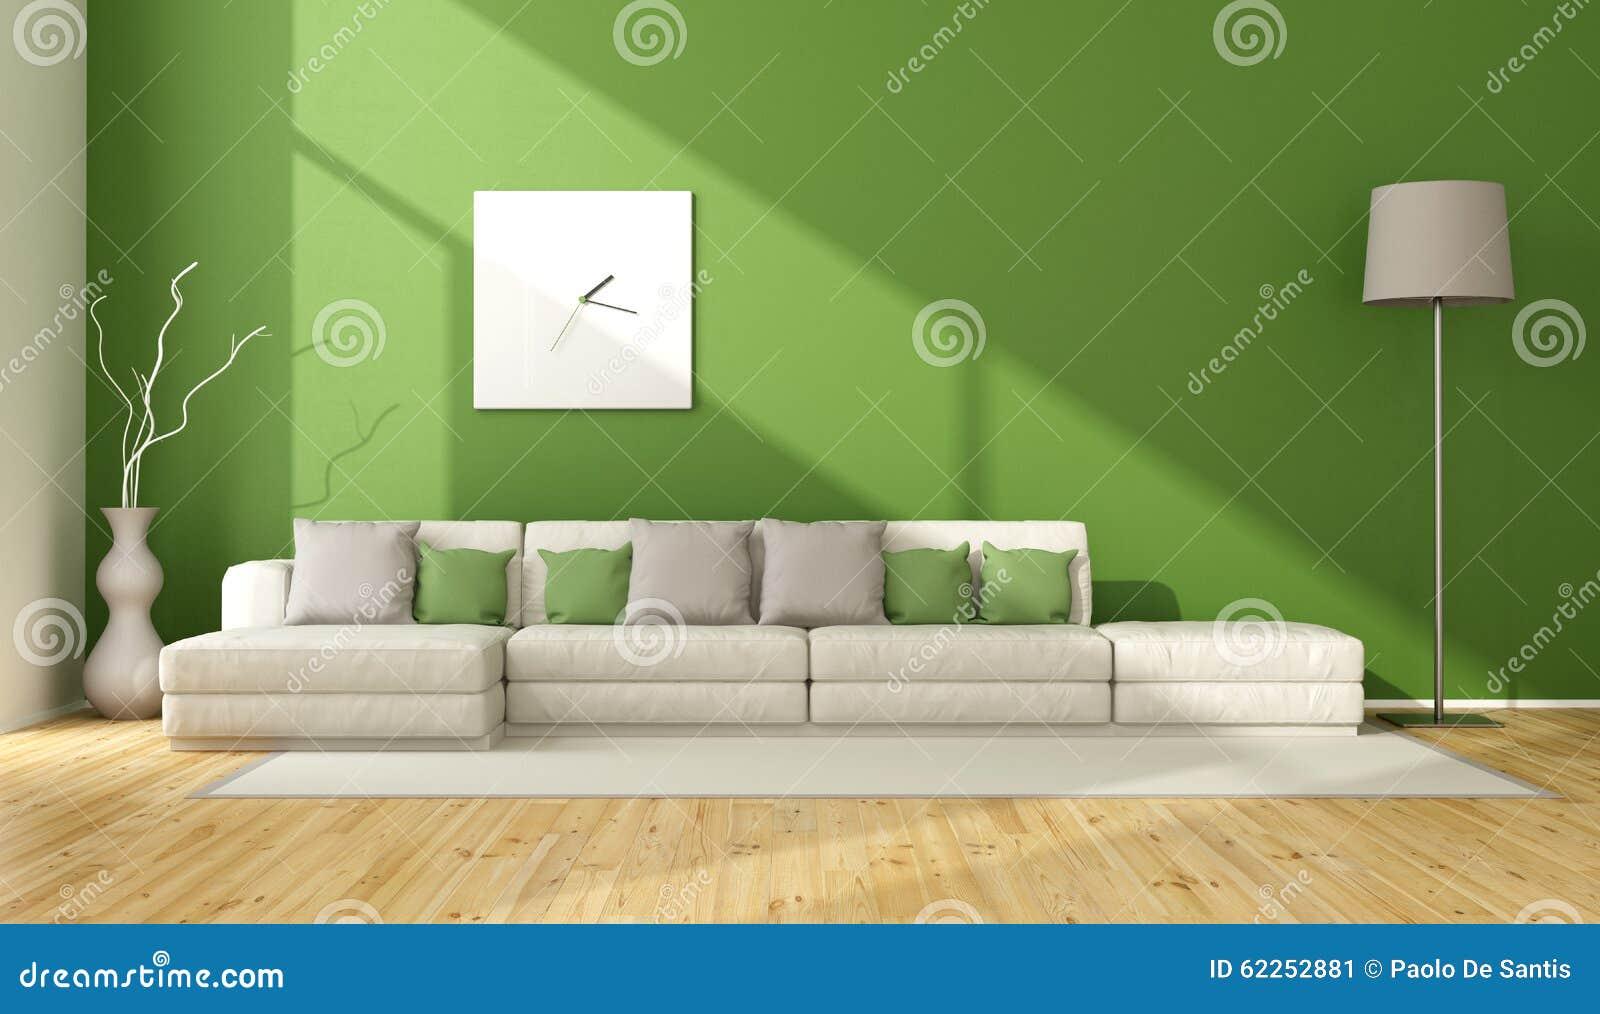 zeitgen ssisches gr nes wohnzimmer stock abbildung bild 62252881. Black Bedroom Furniture Sets. Home Design Ideas